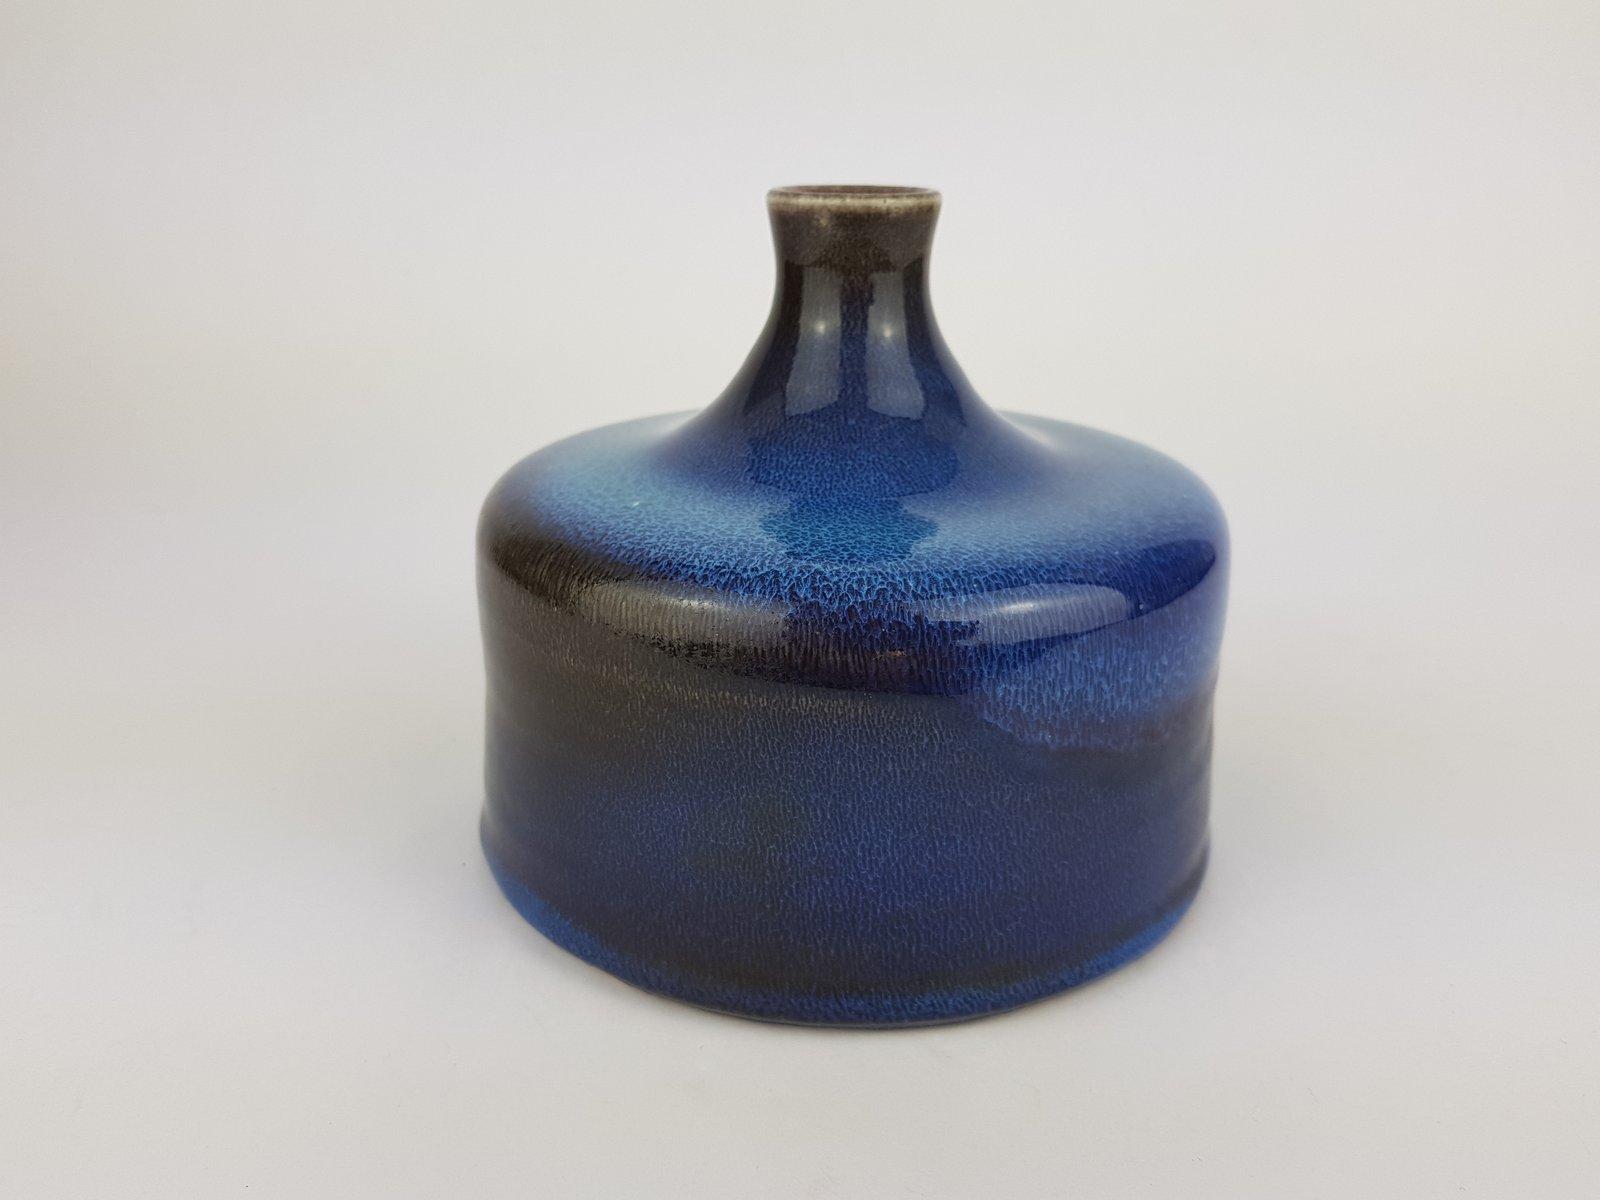 Vintage Studio Vase von Heiner Balzar